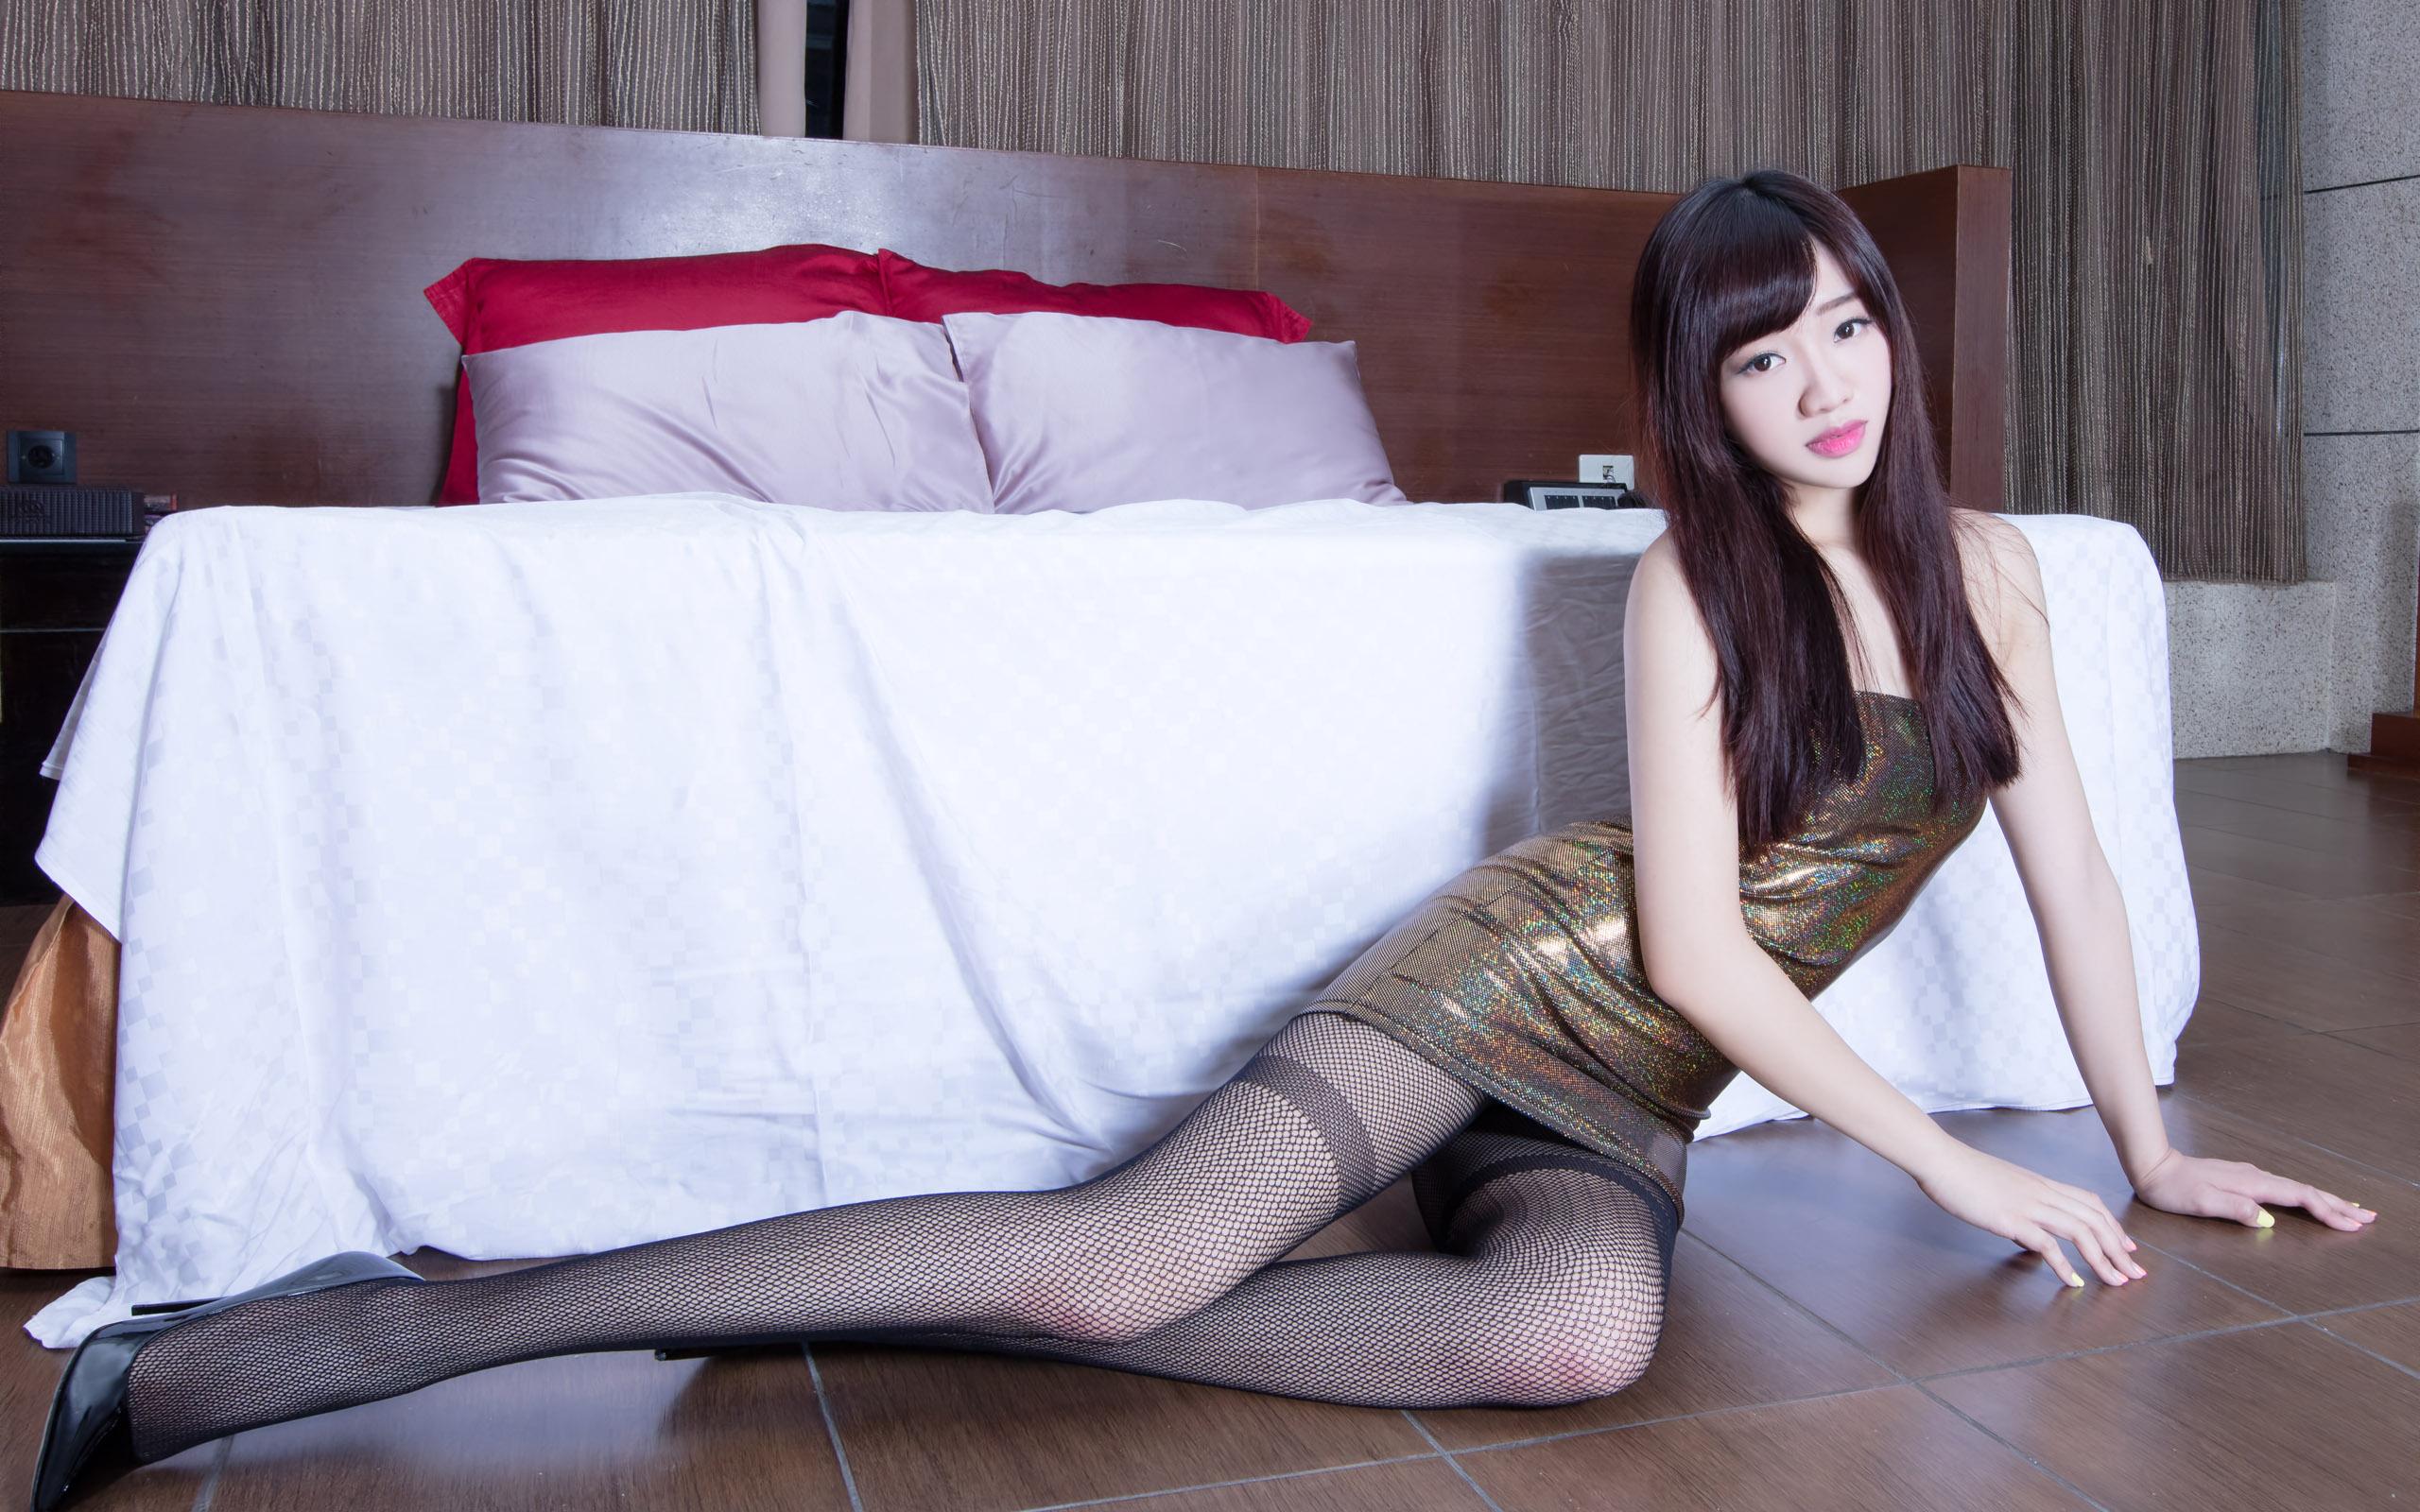 臺灣美腿美女Celia - 花開有聲 - 花開有聲